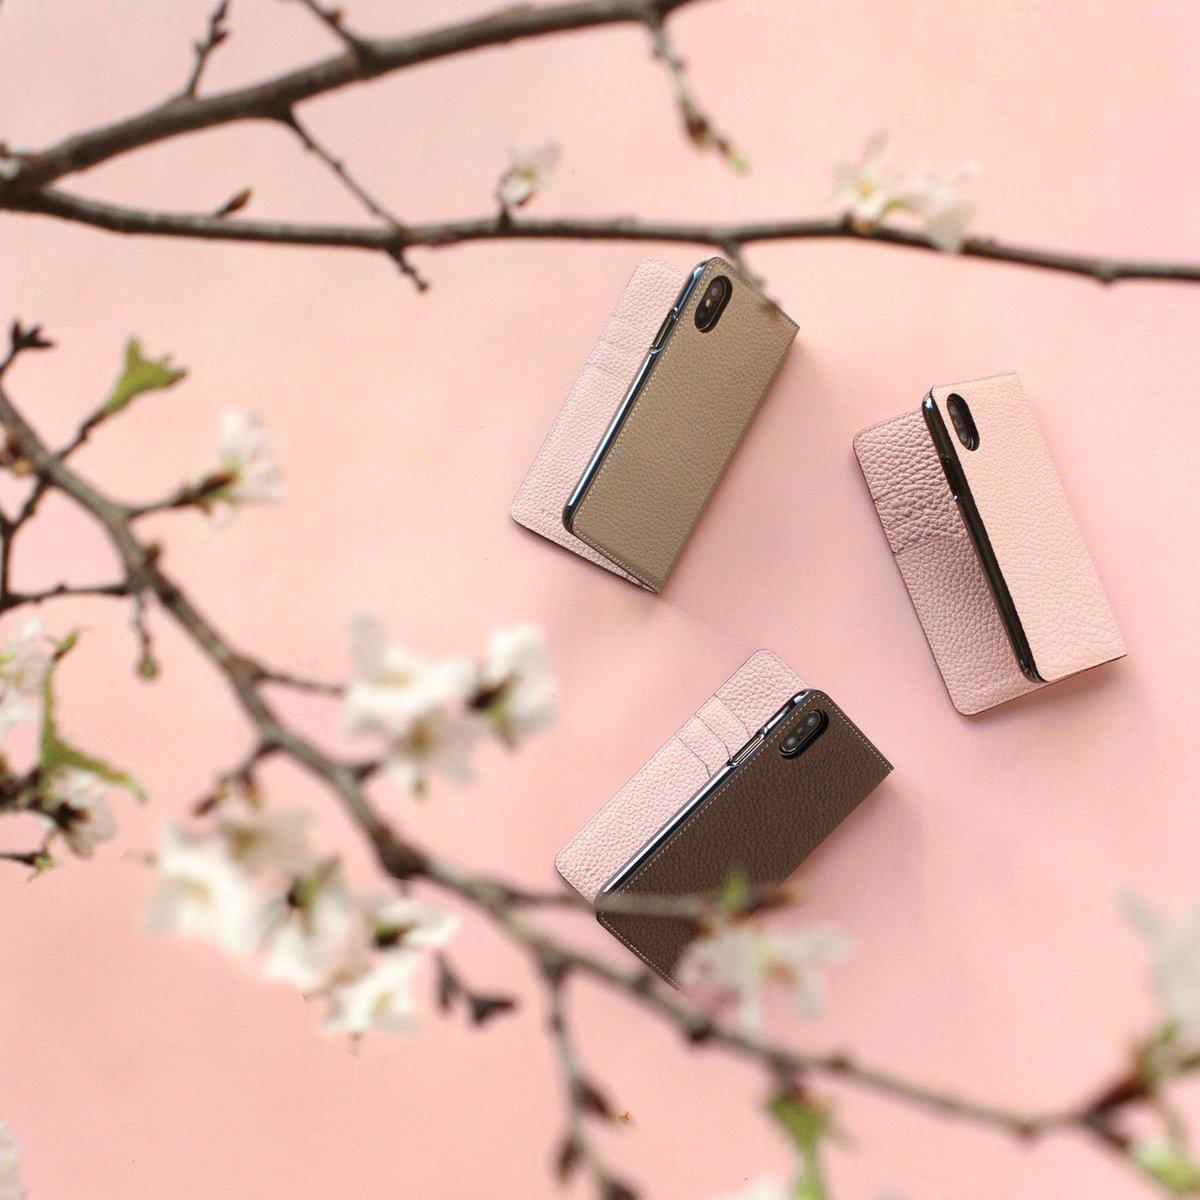 今年もサクラピンクの季節がやって参りました🌸 春限定のサクラピンク、グレージュ×サクラ、エトープ×サクラiPhone 8, iPhone 8Plus, iPhone Xs/X, iPhone XR, iPhone XsMaxケースが、2月8日(金)午前10:00からボナベンチュラ オンラインストアにて先行販売いたします!#サクラピンク #先行販売 #春限定